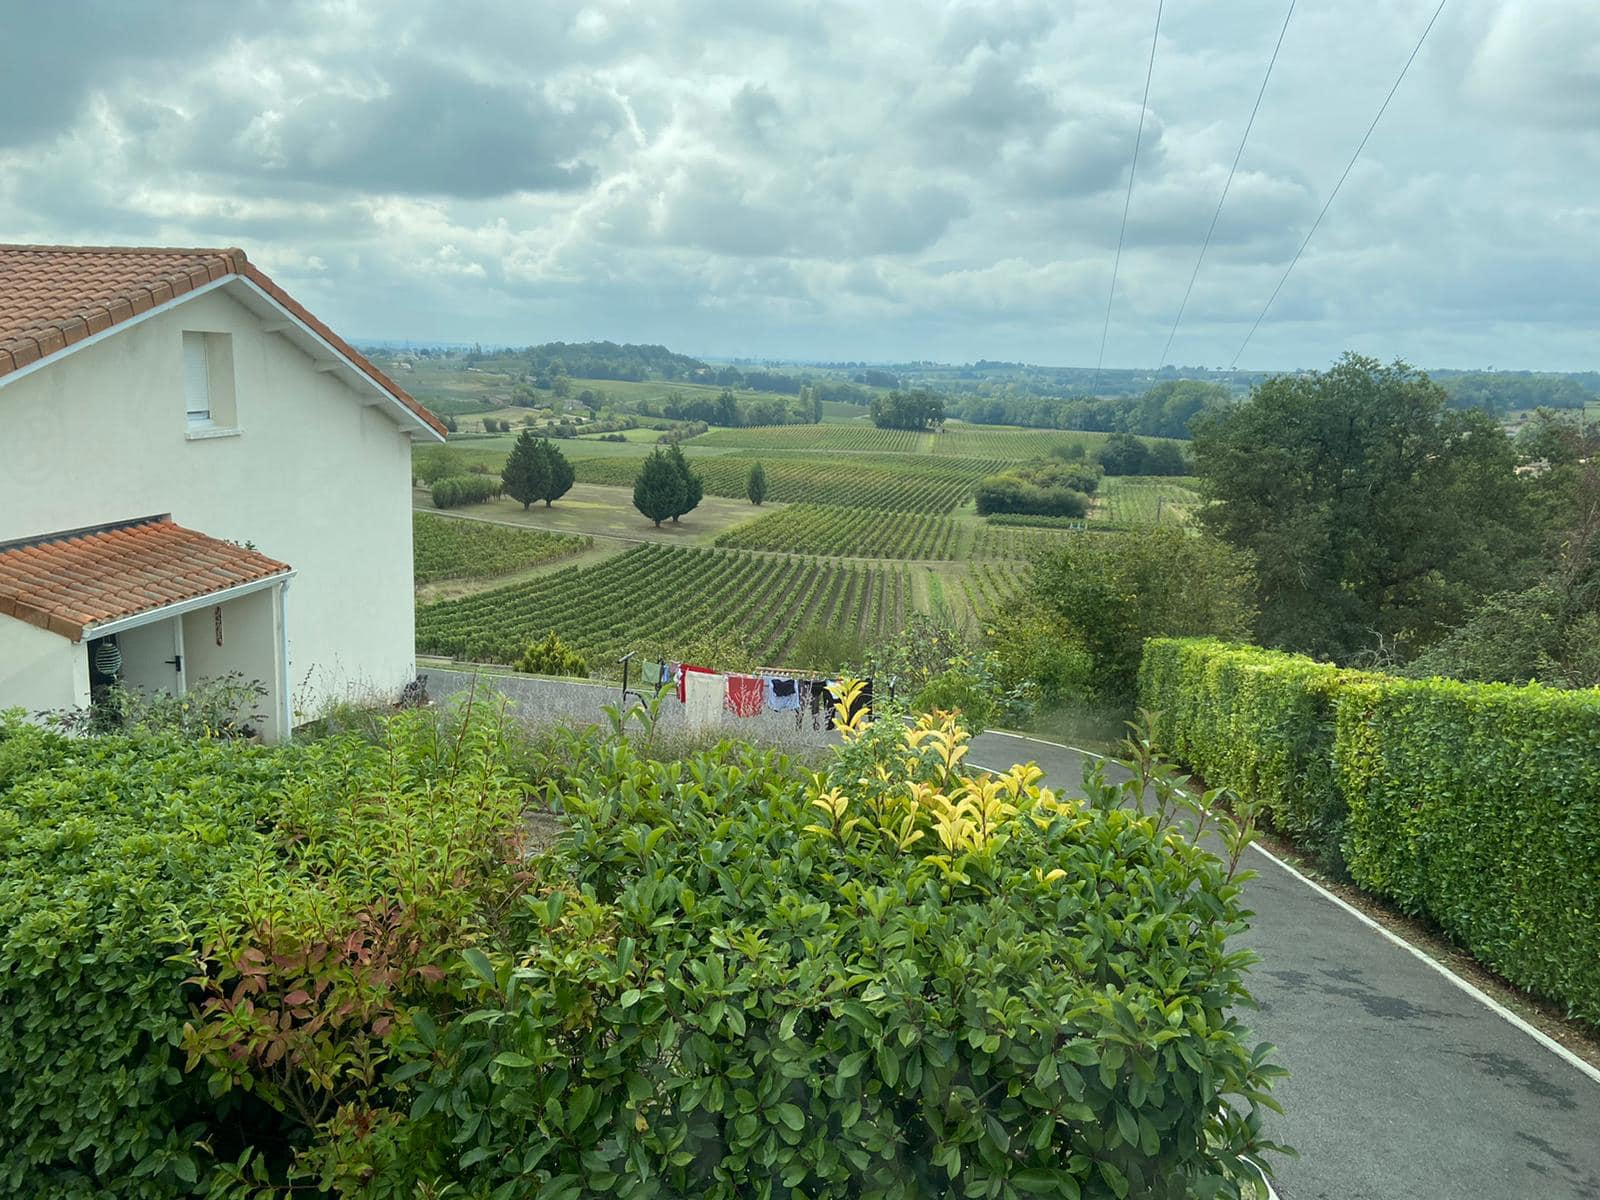 samen-een-mooie-tour-in-de-regio-van-Bordeaux-gemaakt-26-9-2020---(4)